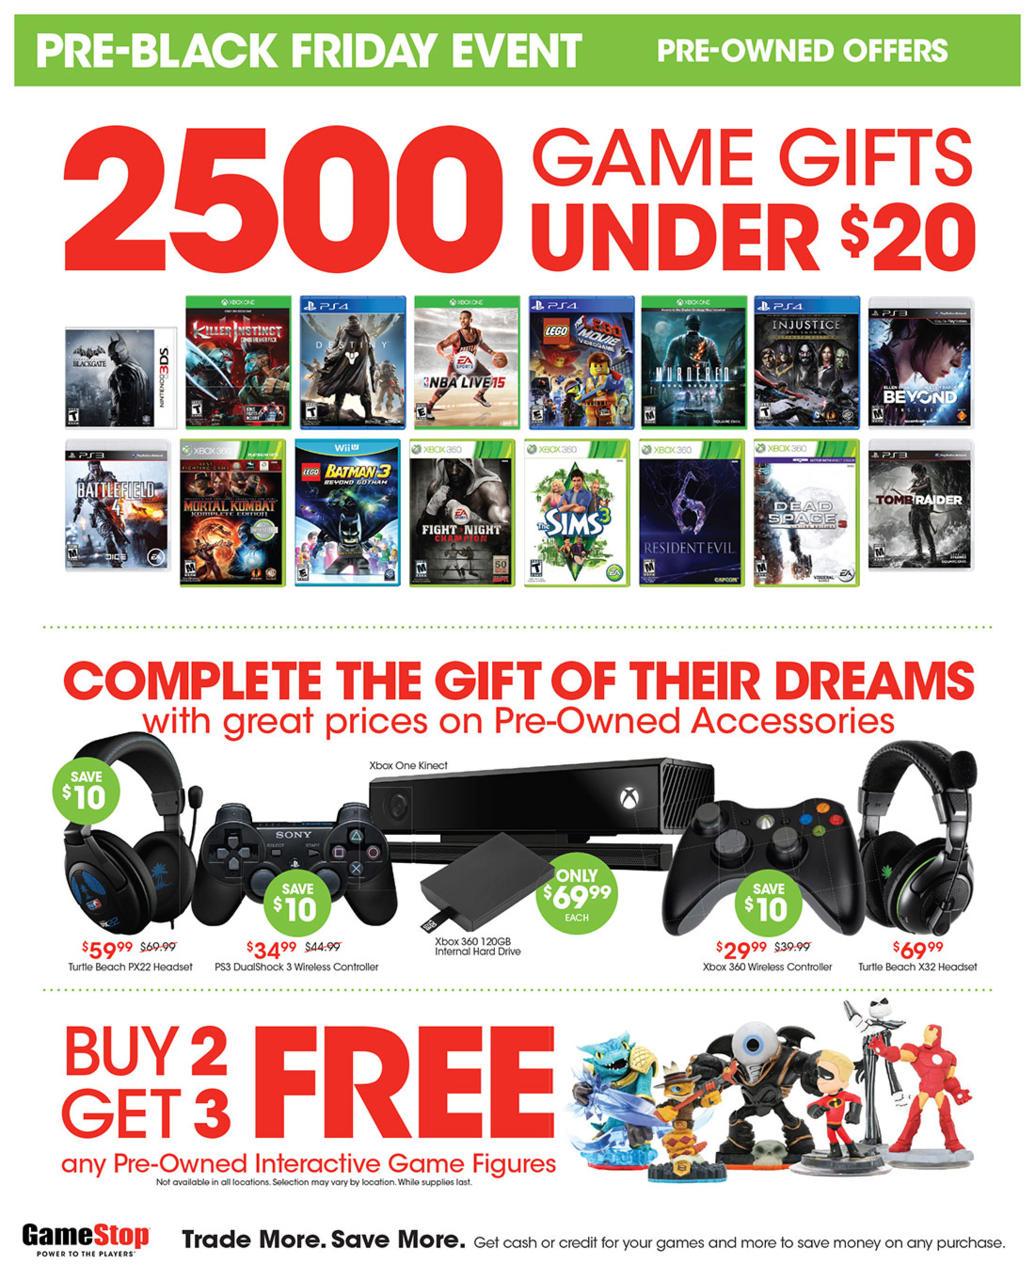 gamestop-pre-black-friday-deals-4